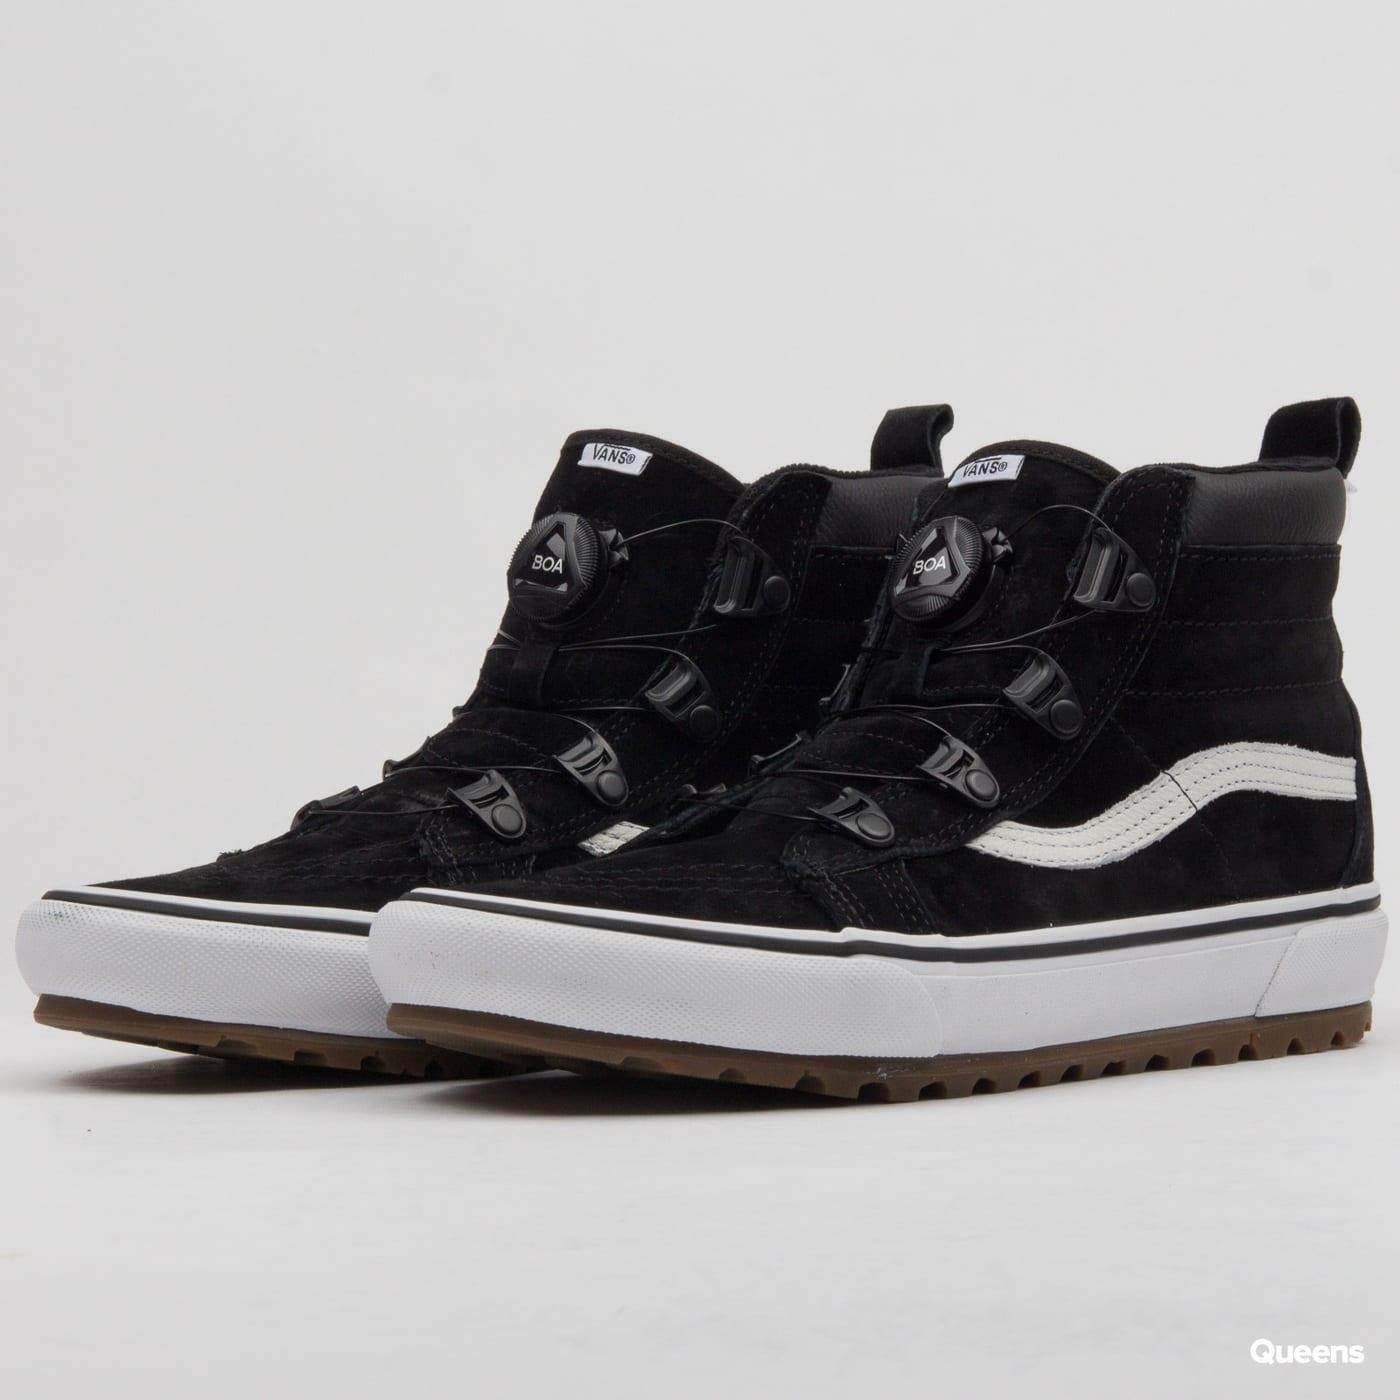 d5916042832 Sneakers Vans SK8-HI MTE Boa (VN0A3ZCGDX6)– Queens 💚